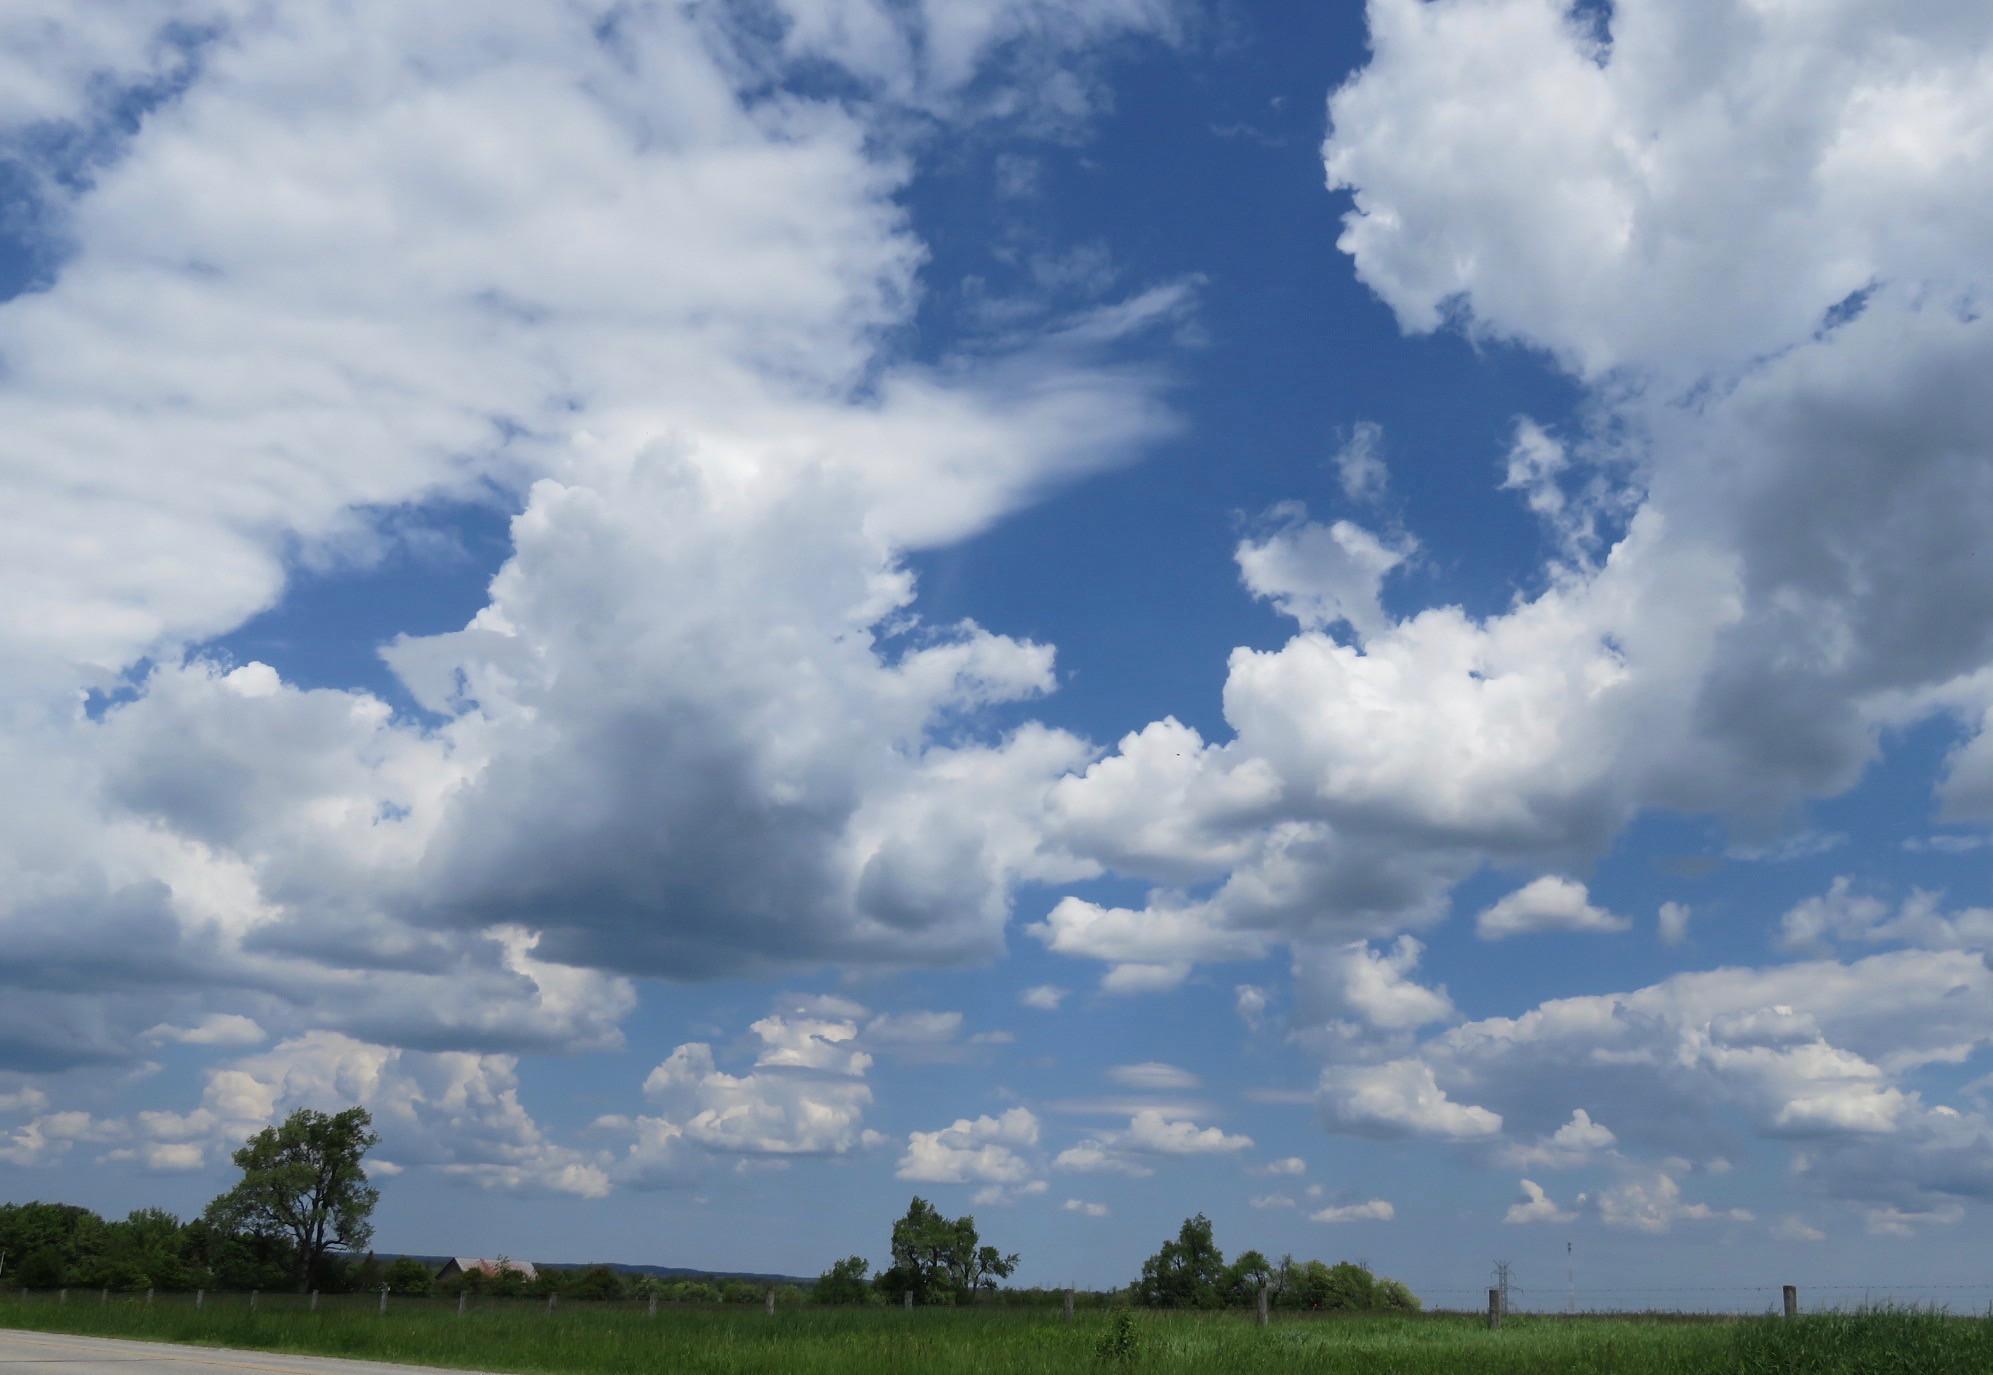 Clouds with dark underbellles